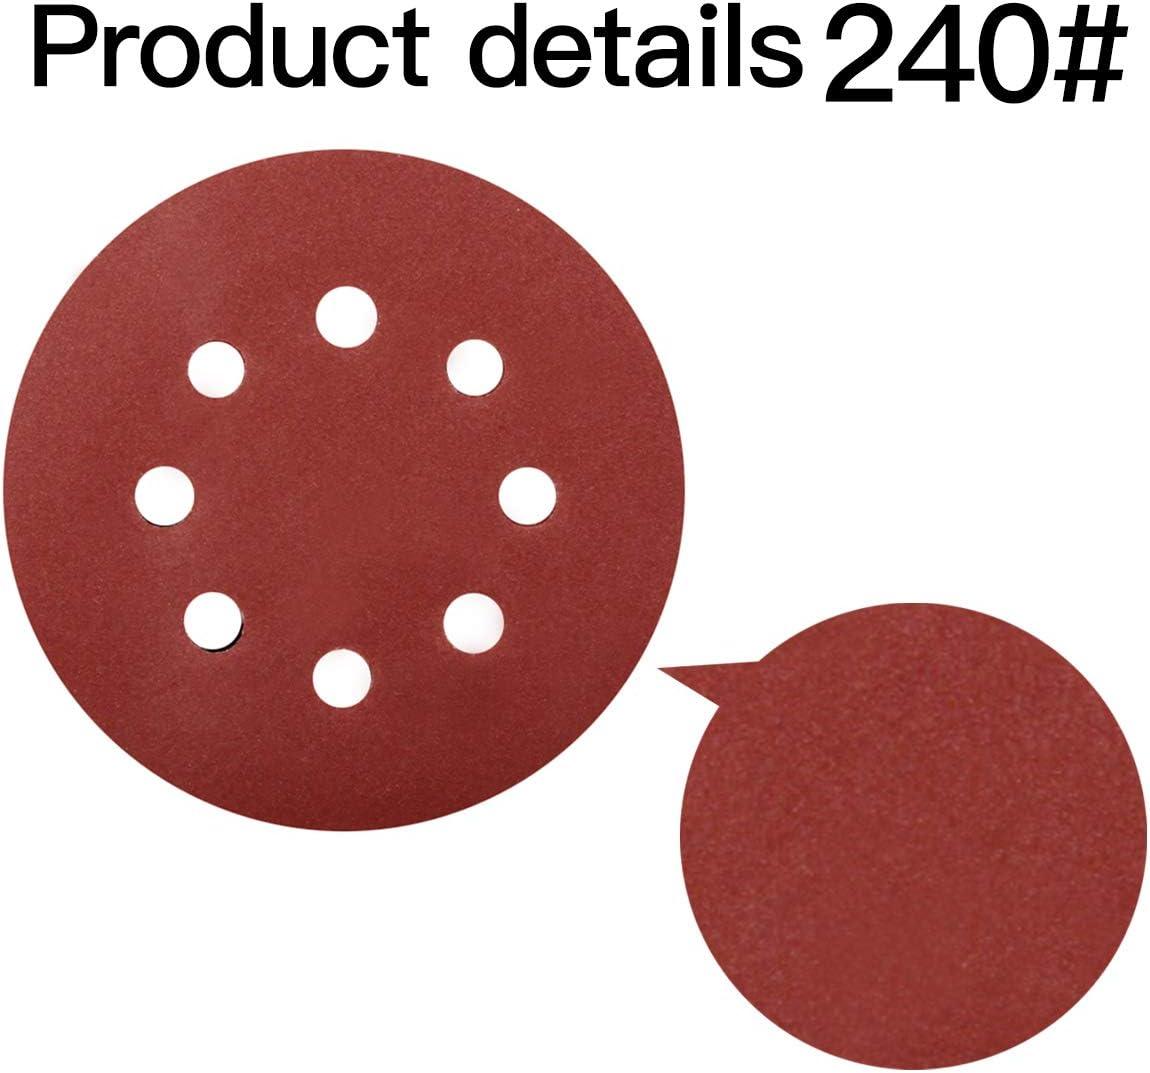 Deefoml Lot de 40 disques de pon/çage 60 # 80 # 120 # 240 # 8 trous pour ponceuse orbitale al/éatoire